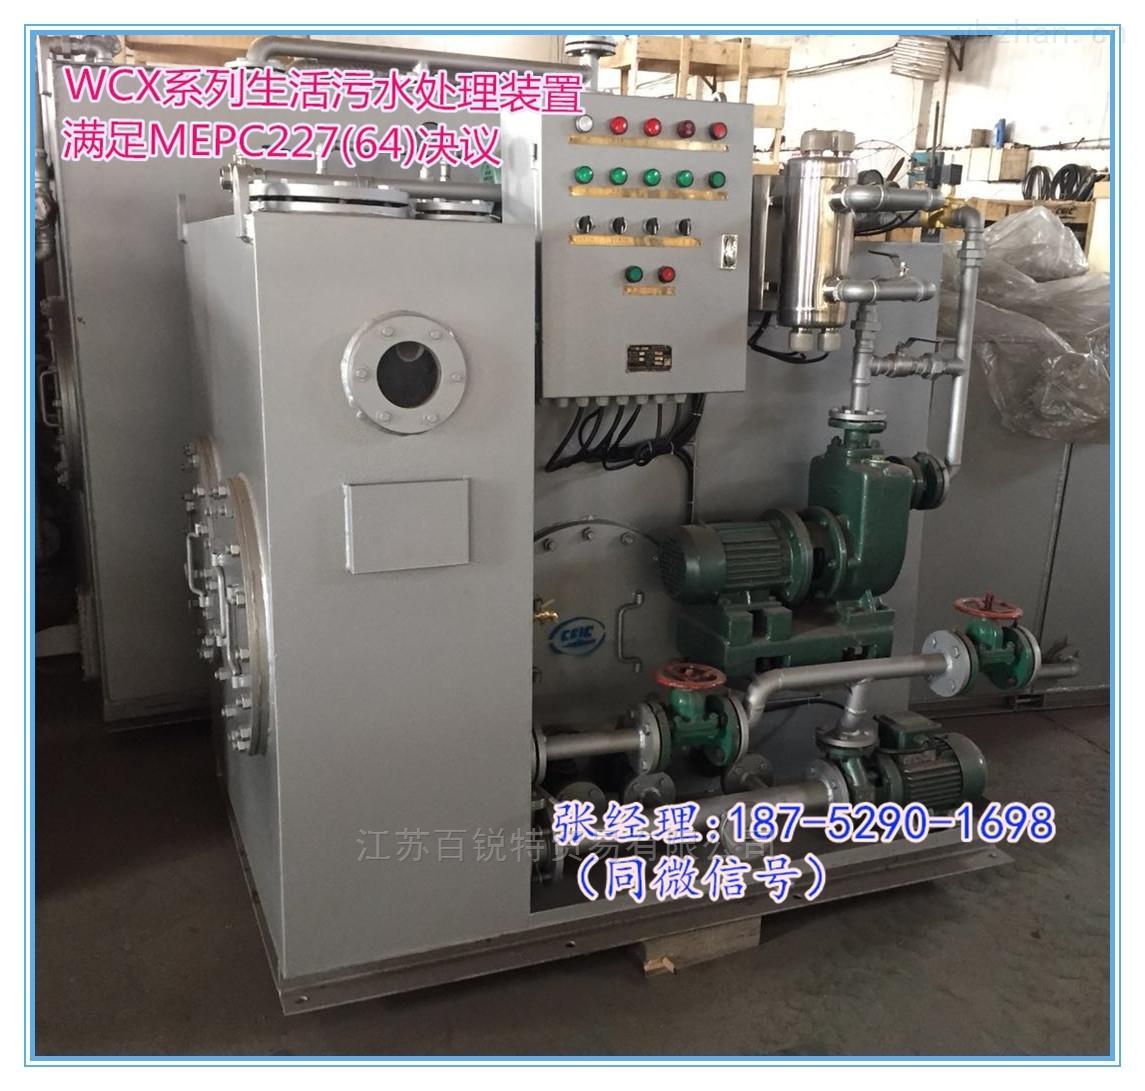 WCX-20-新标准生活污水处理装置